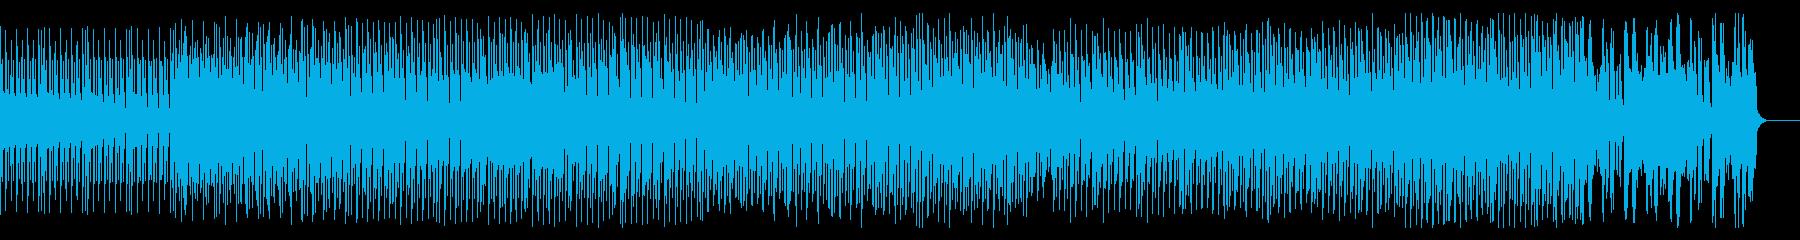 ダークで緊迫感のあるサスペンスBGMの再生済みの波形